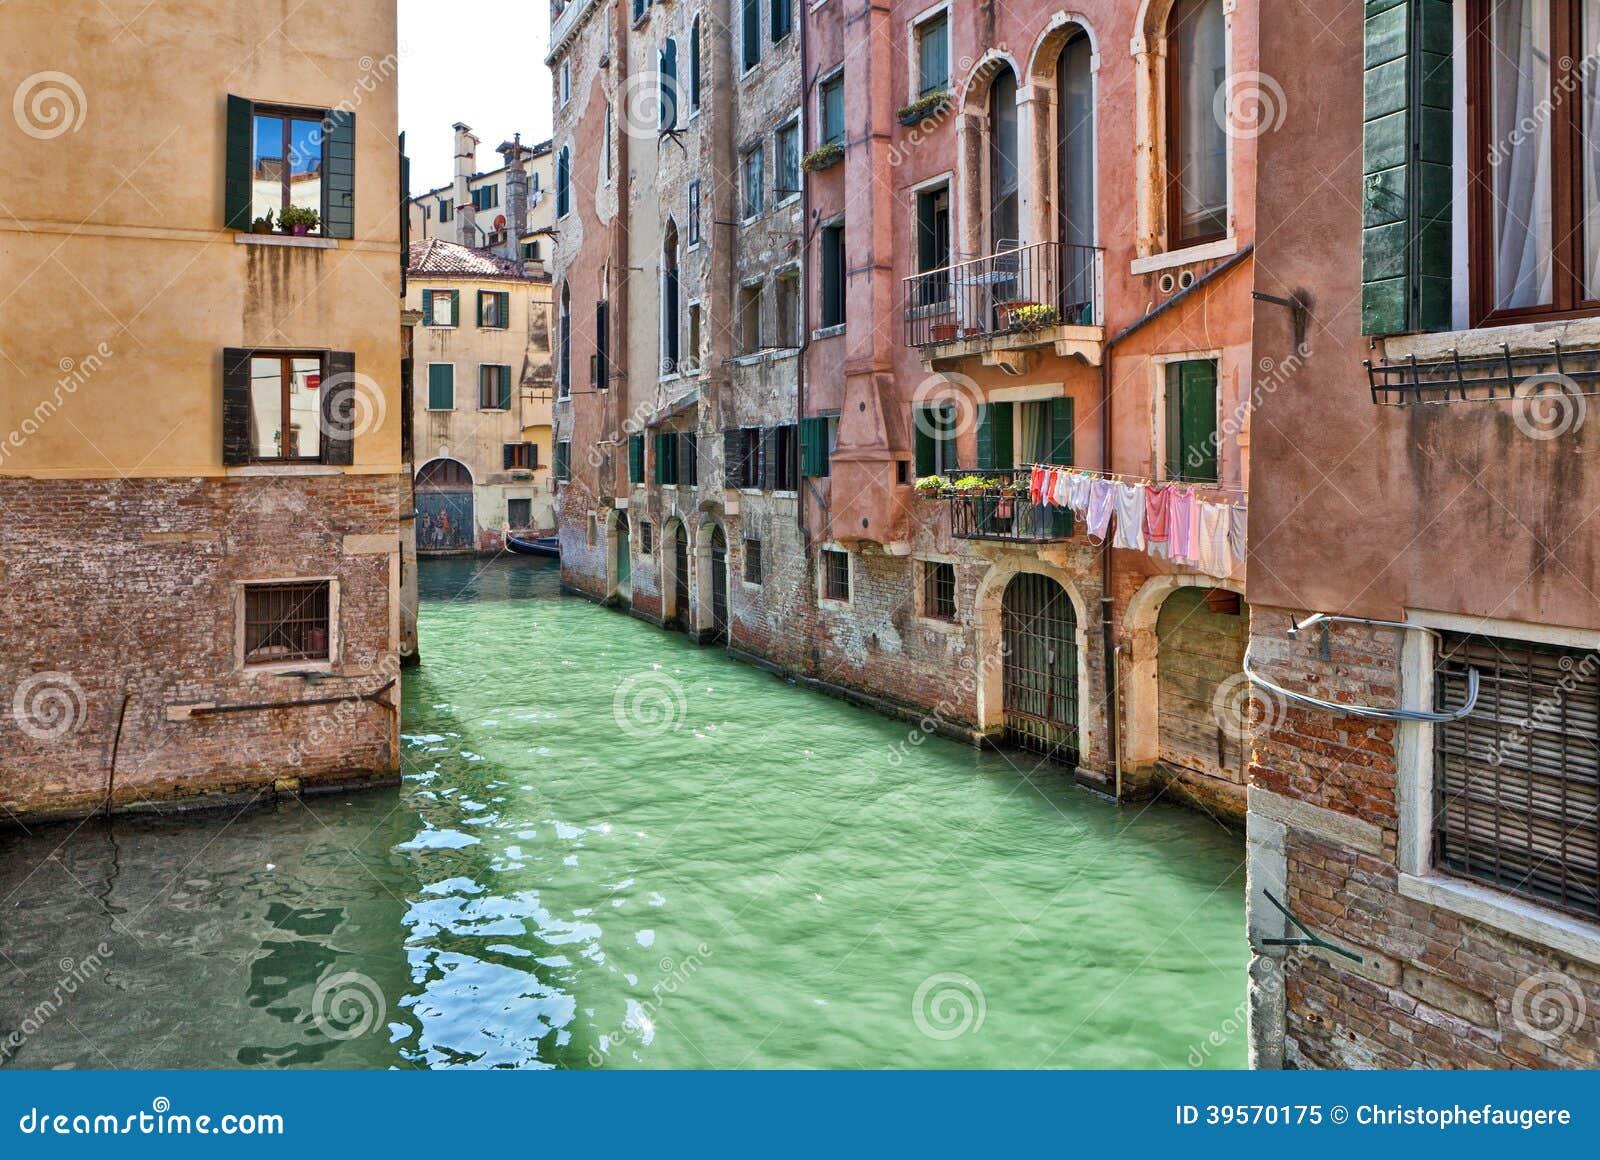 Venedig kanal med typiska vattendörrar